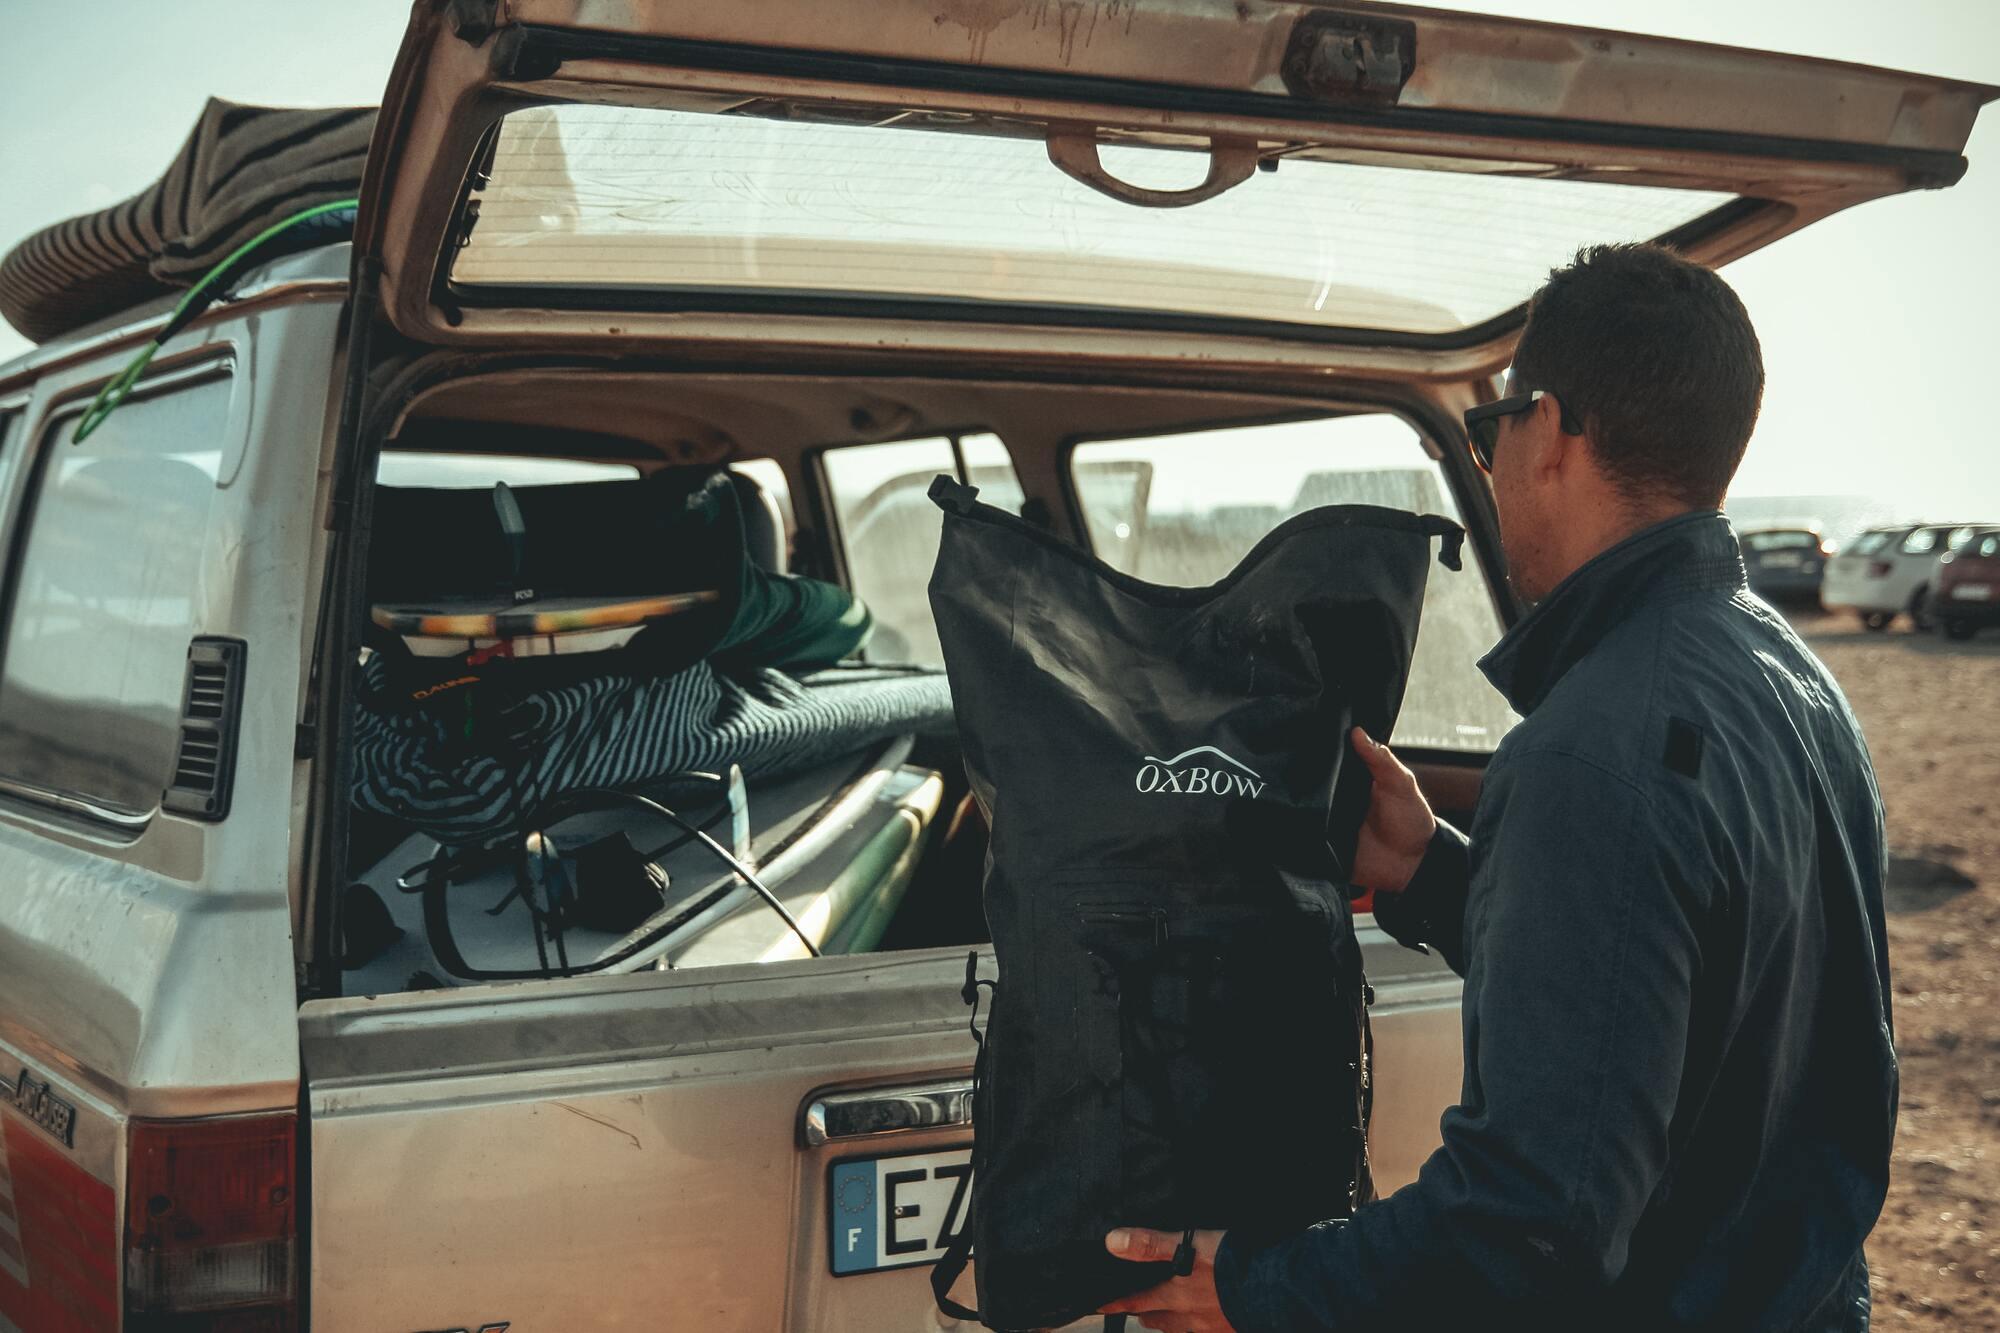 Чтобы машина тратила меньше топлива, стоит избавиться от лишнего багажа